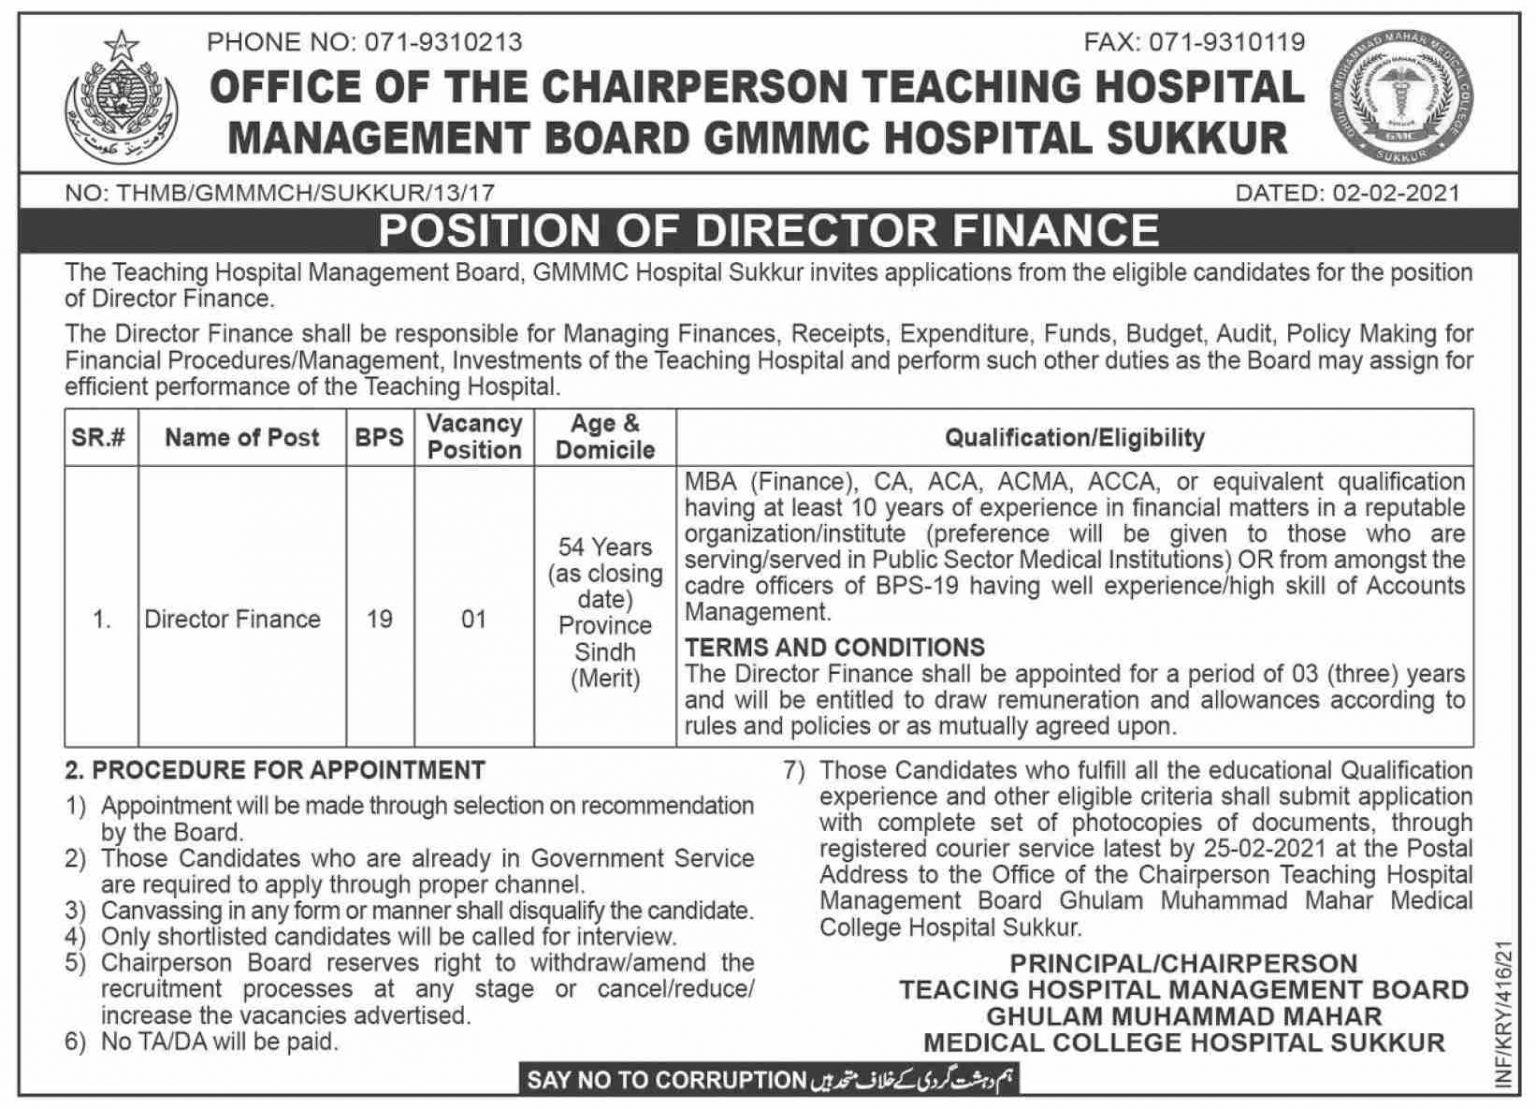 Ghulam Muhammad Mahar Medical College Hospital Sukkur Jobs 2021 Application Form